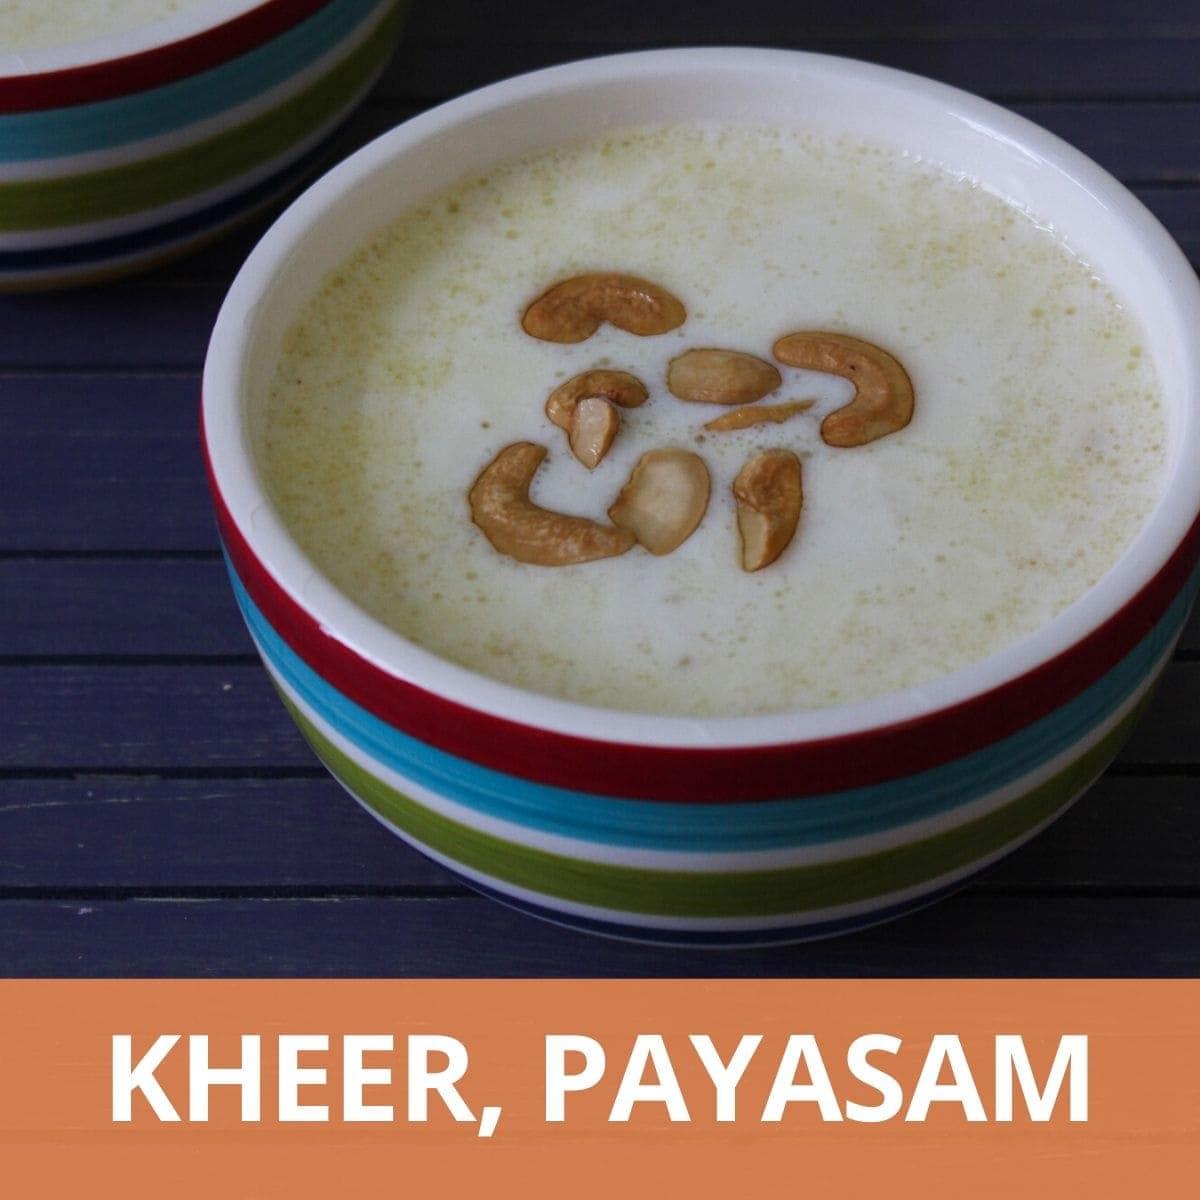 Kheer, Payasam